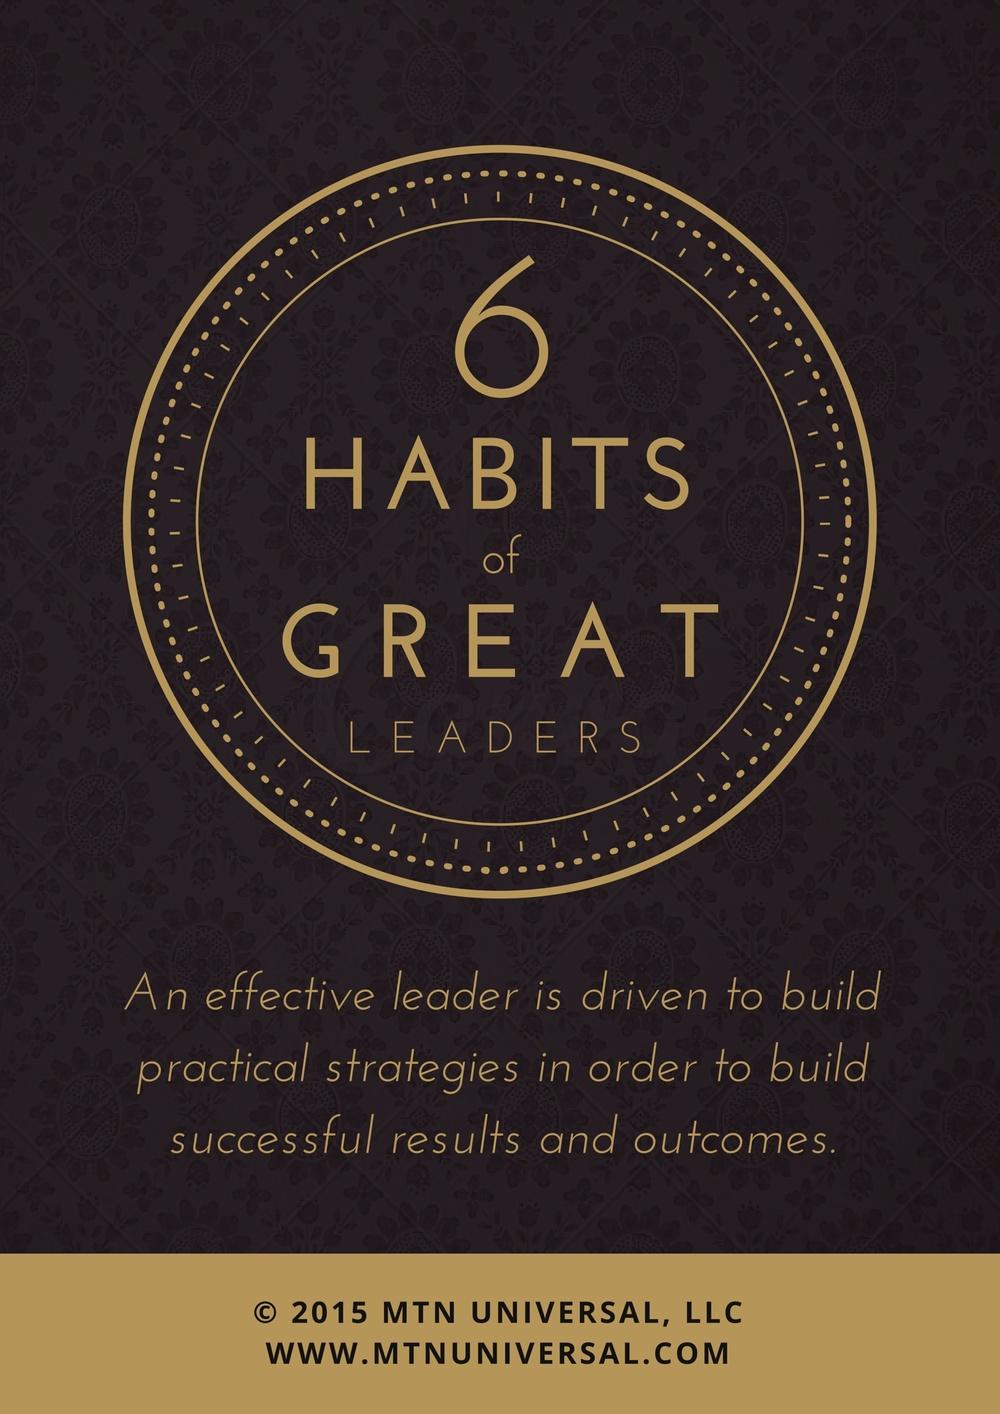 6-Habits-of-Great-Leaders.jpg